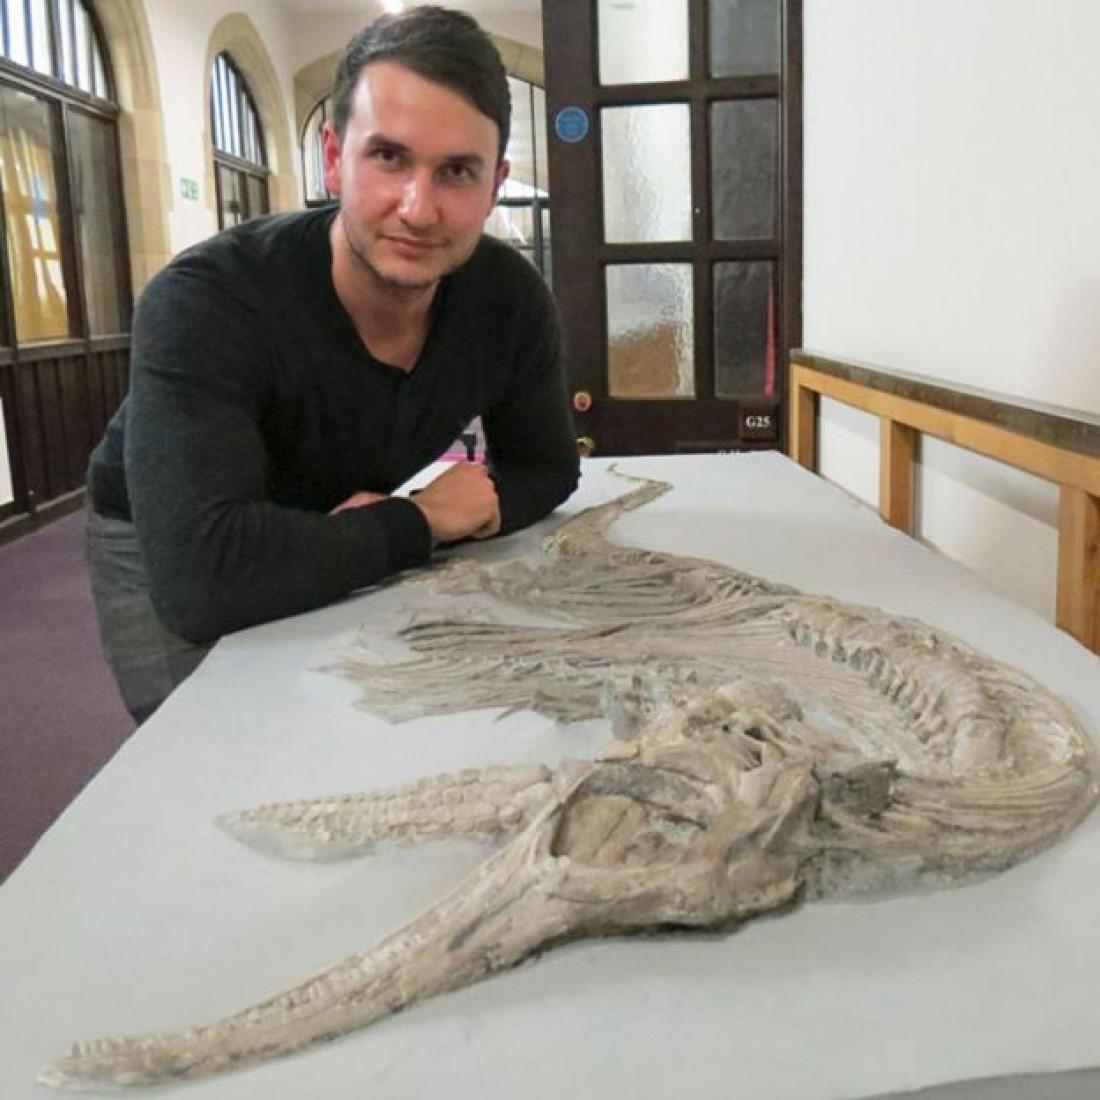 Дин Ломакс с бристольскими окаменелостями